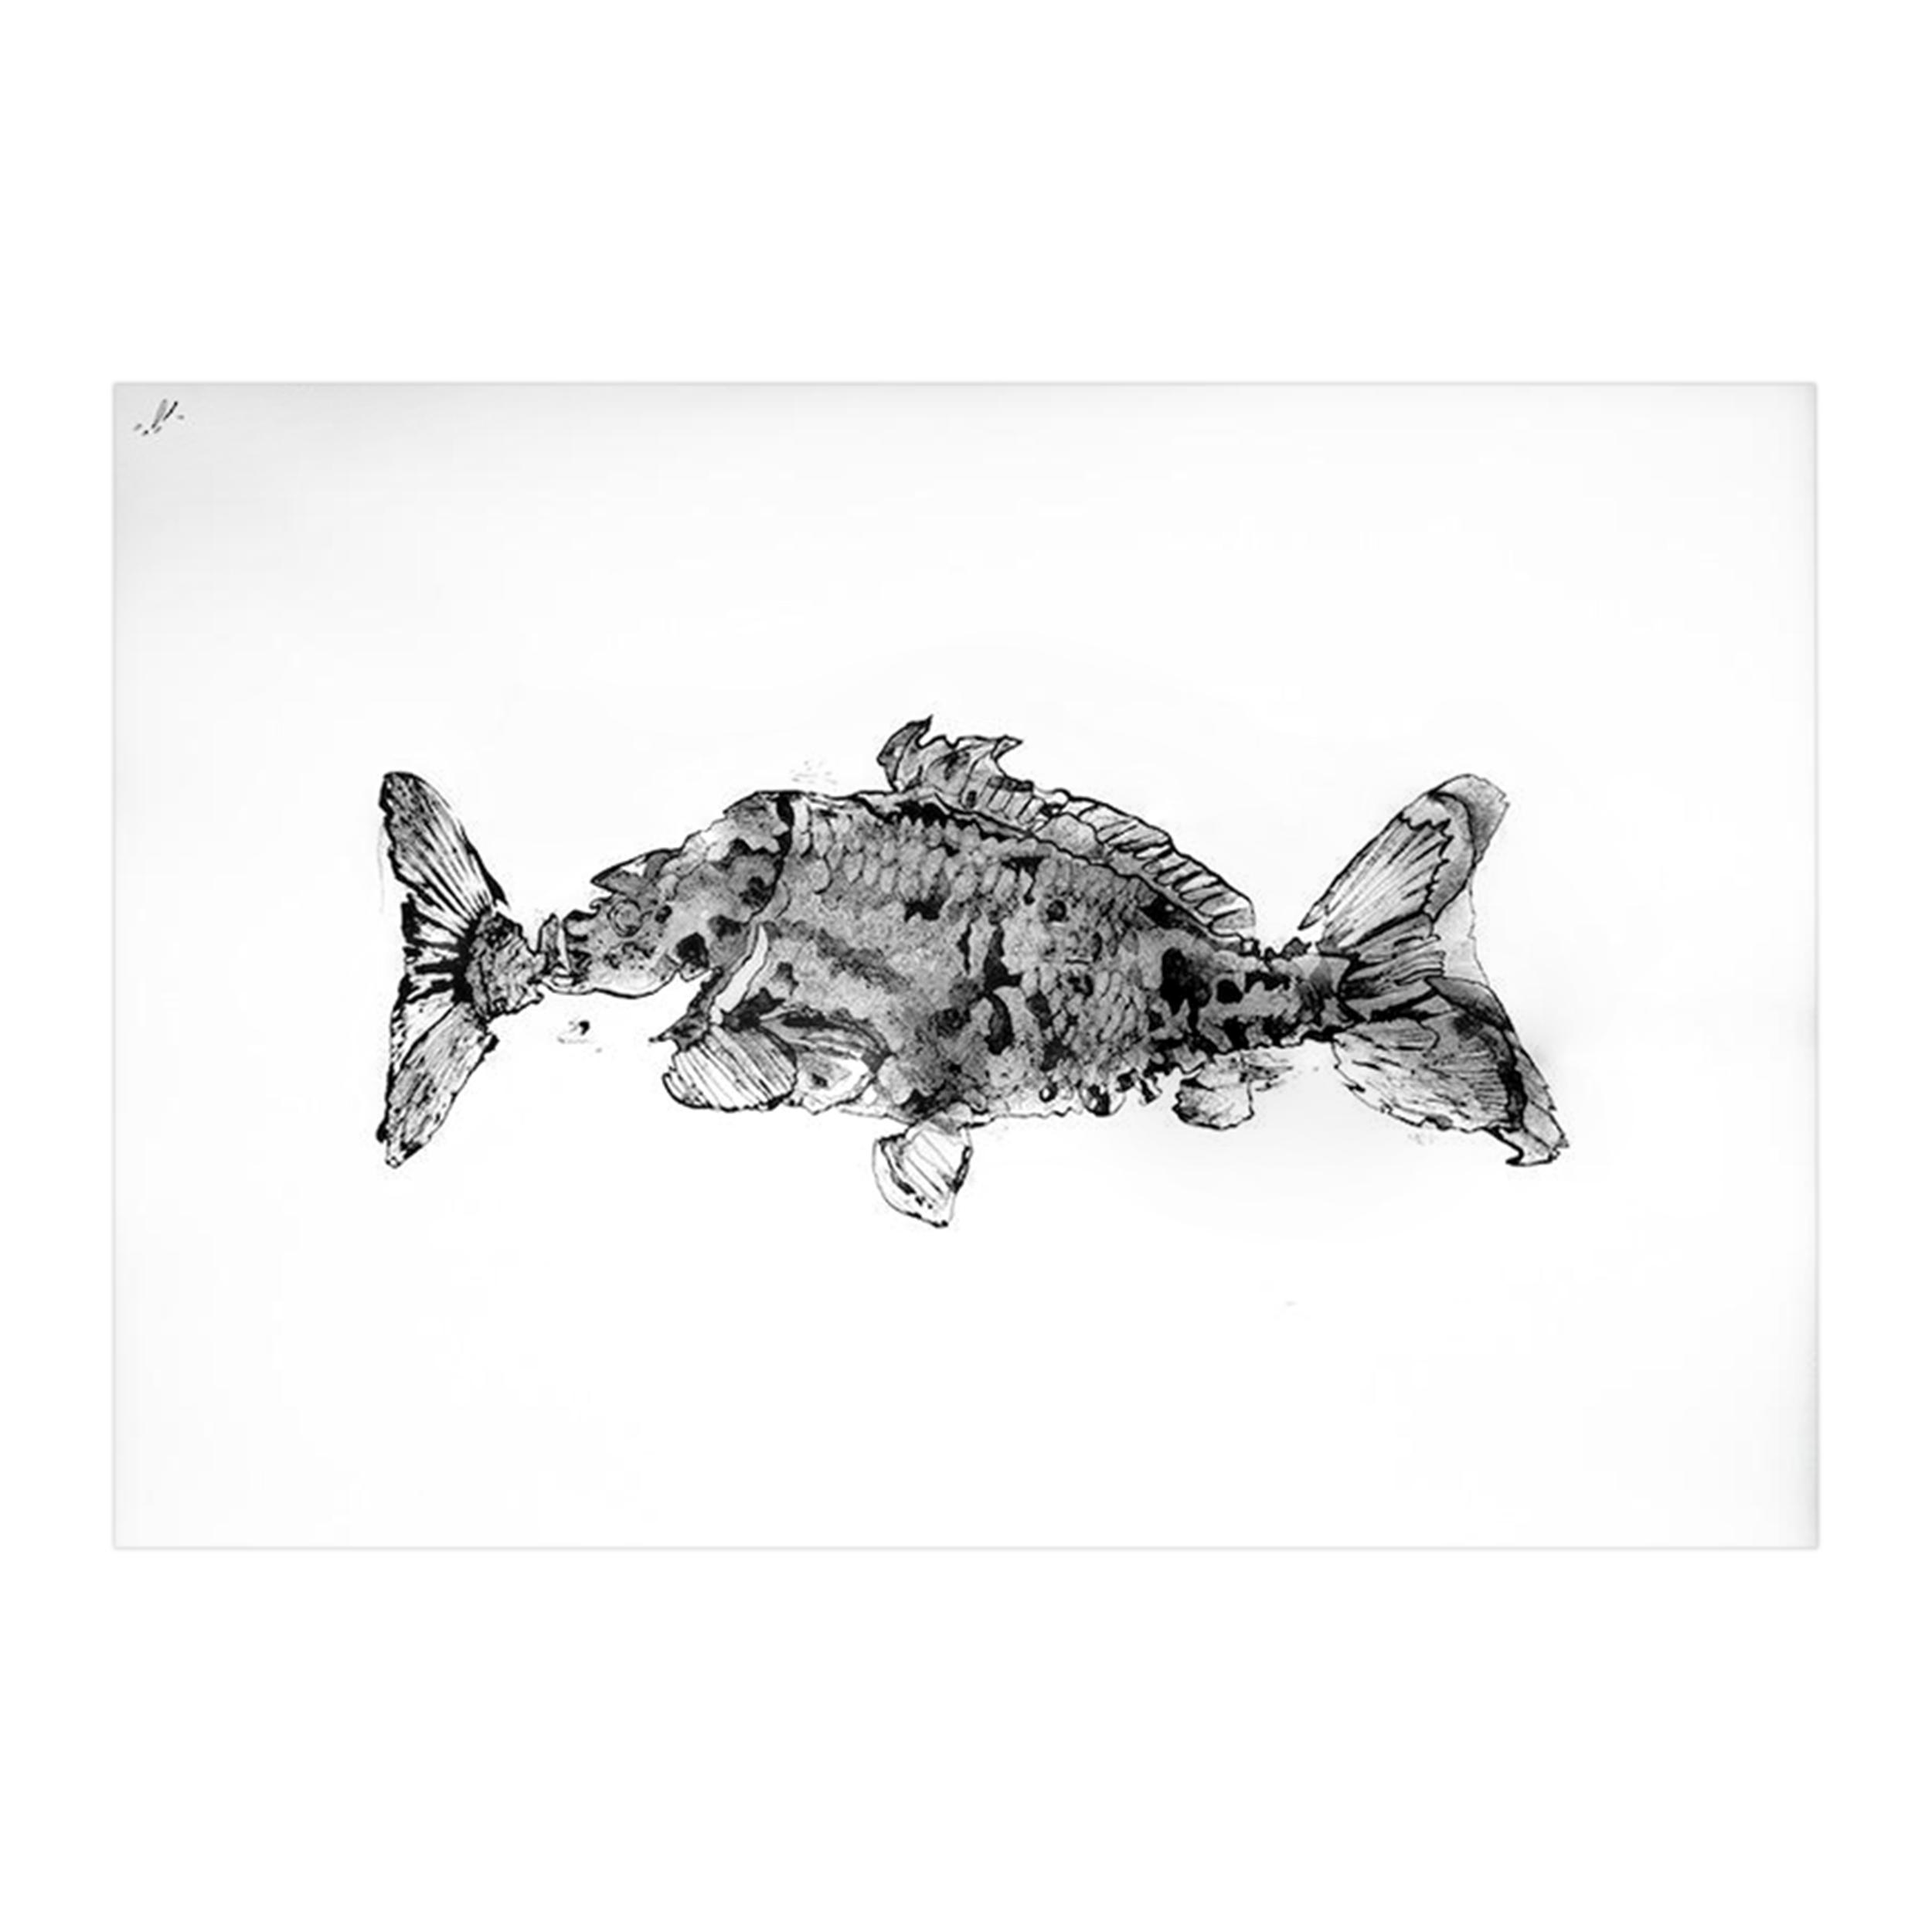 Купить Картина 'Carpa_090', Something good, Черный+Белый, Холст